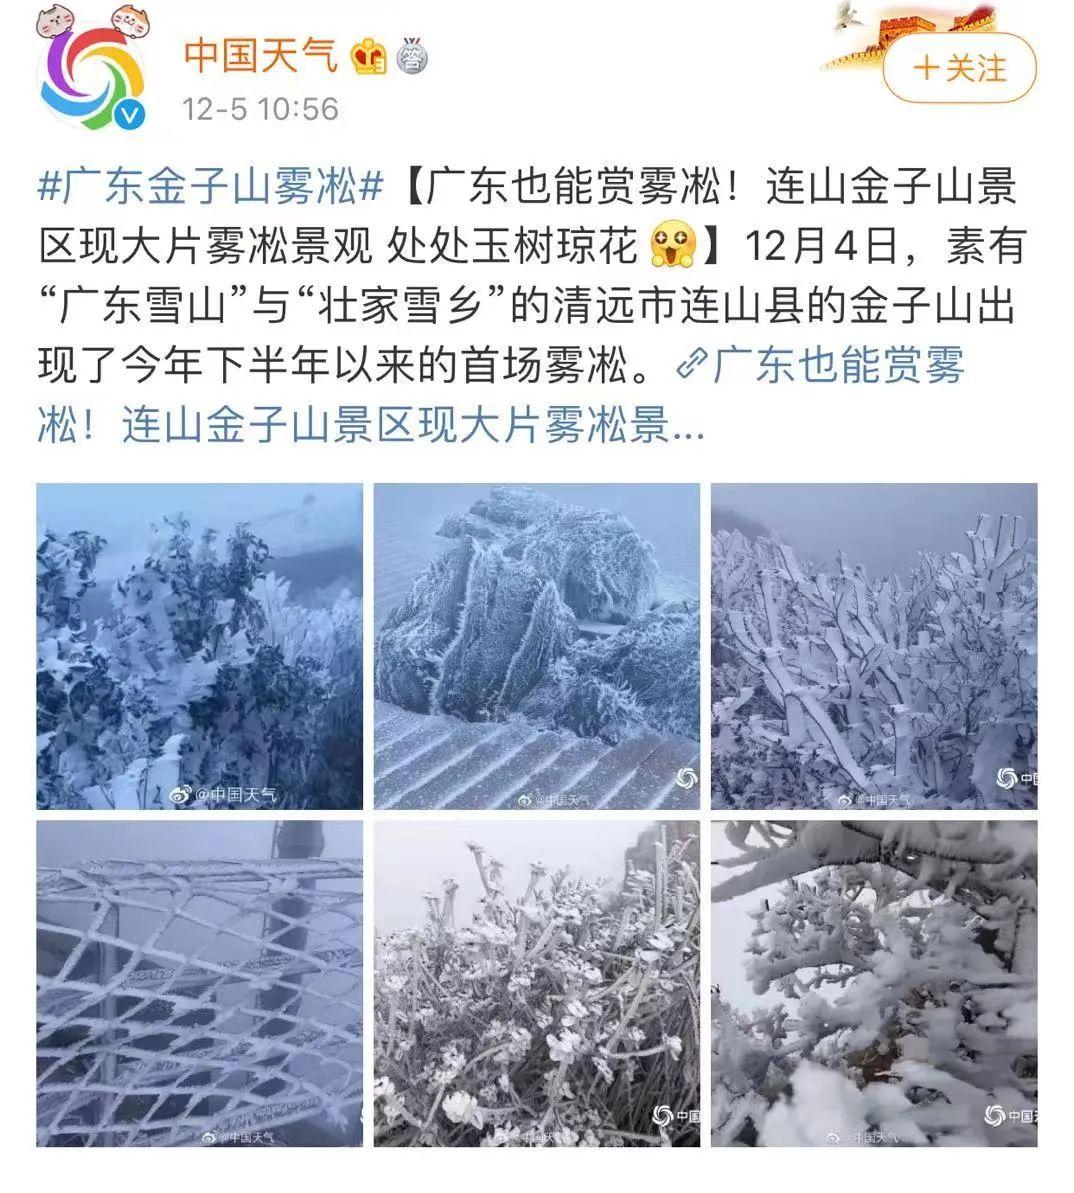 广东下雪了?真美!今年最冷已到,接下来东莞天气是……插图